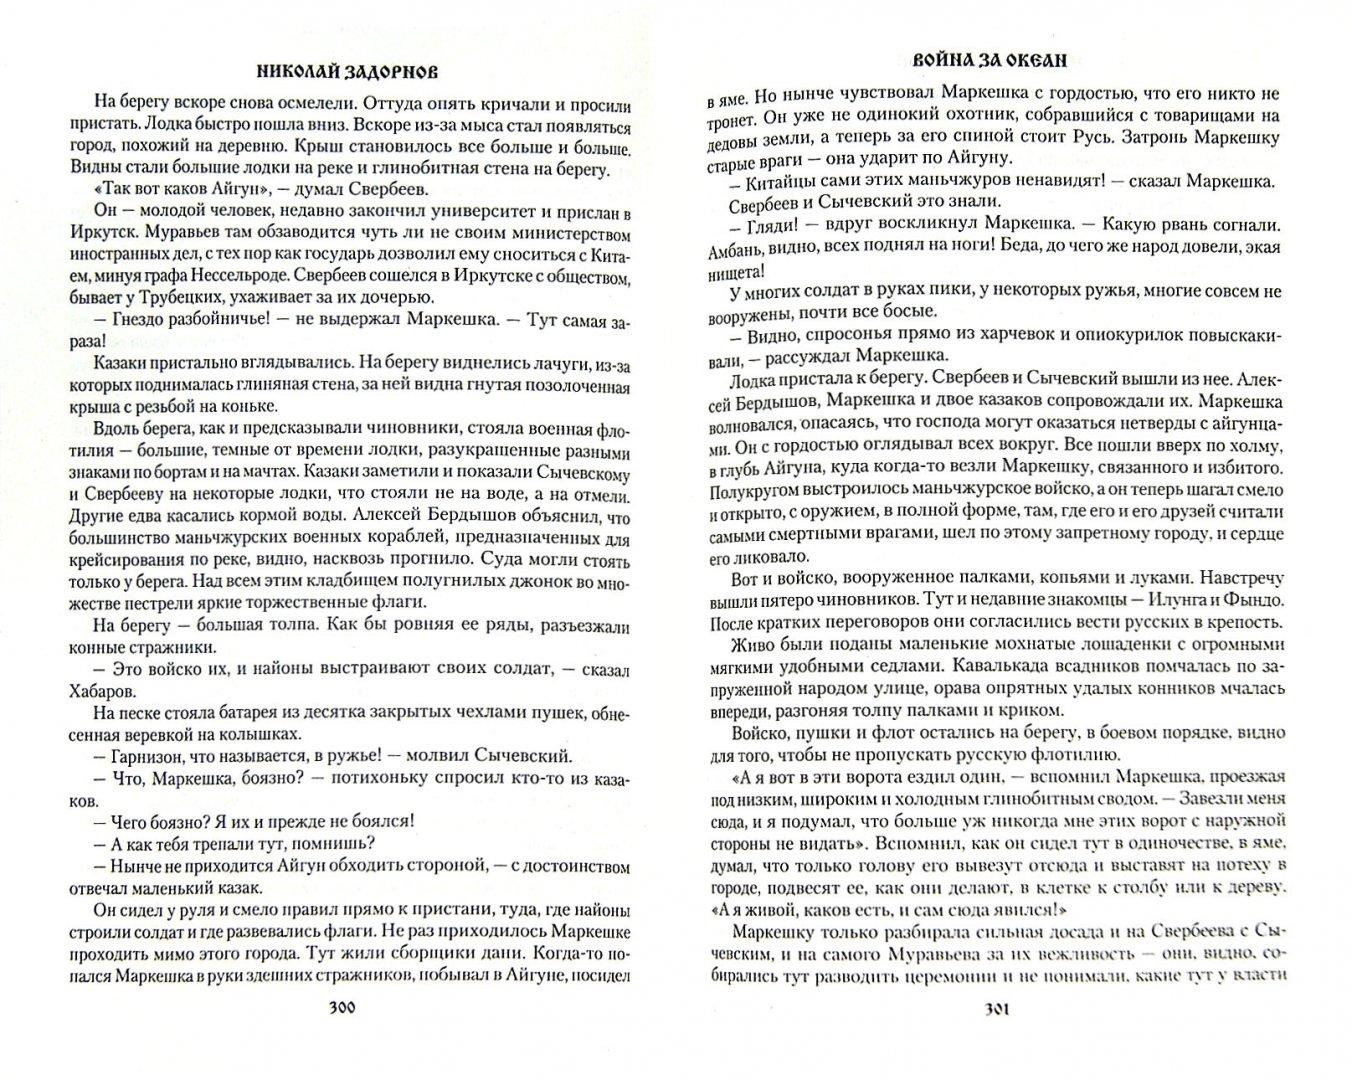 Иллюстрация 1 из 8 для Война за океан - Николай Задорнов | Лабиринт - книги. Источник: Лабиринт